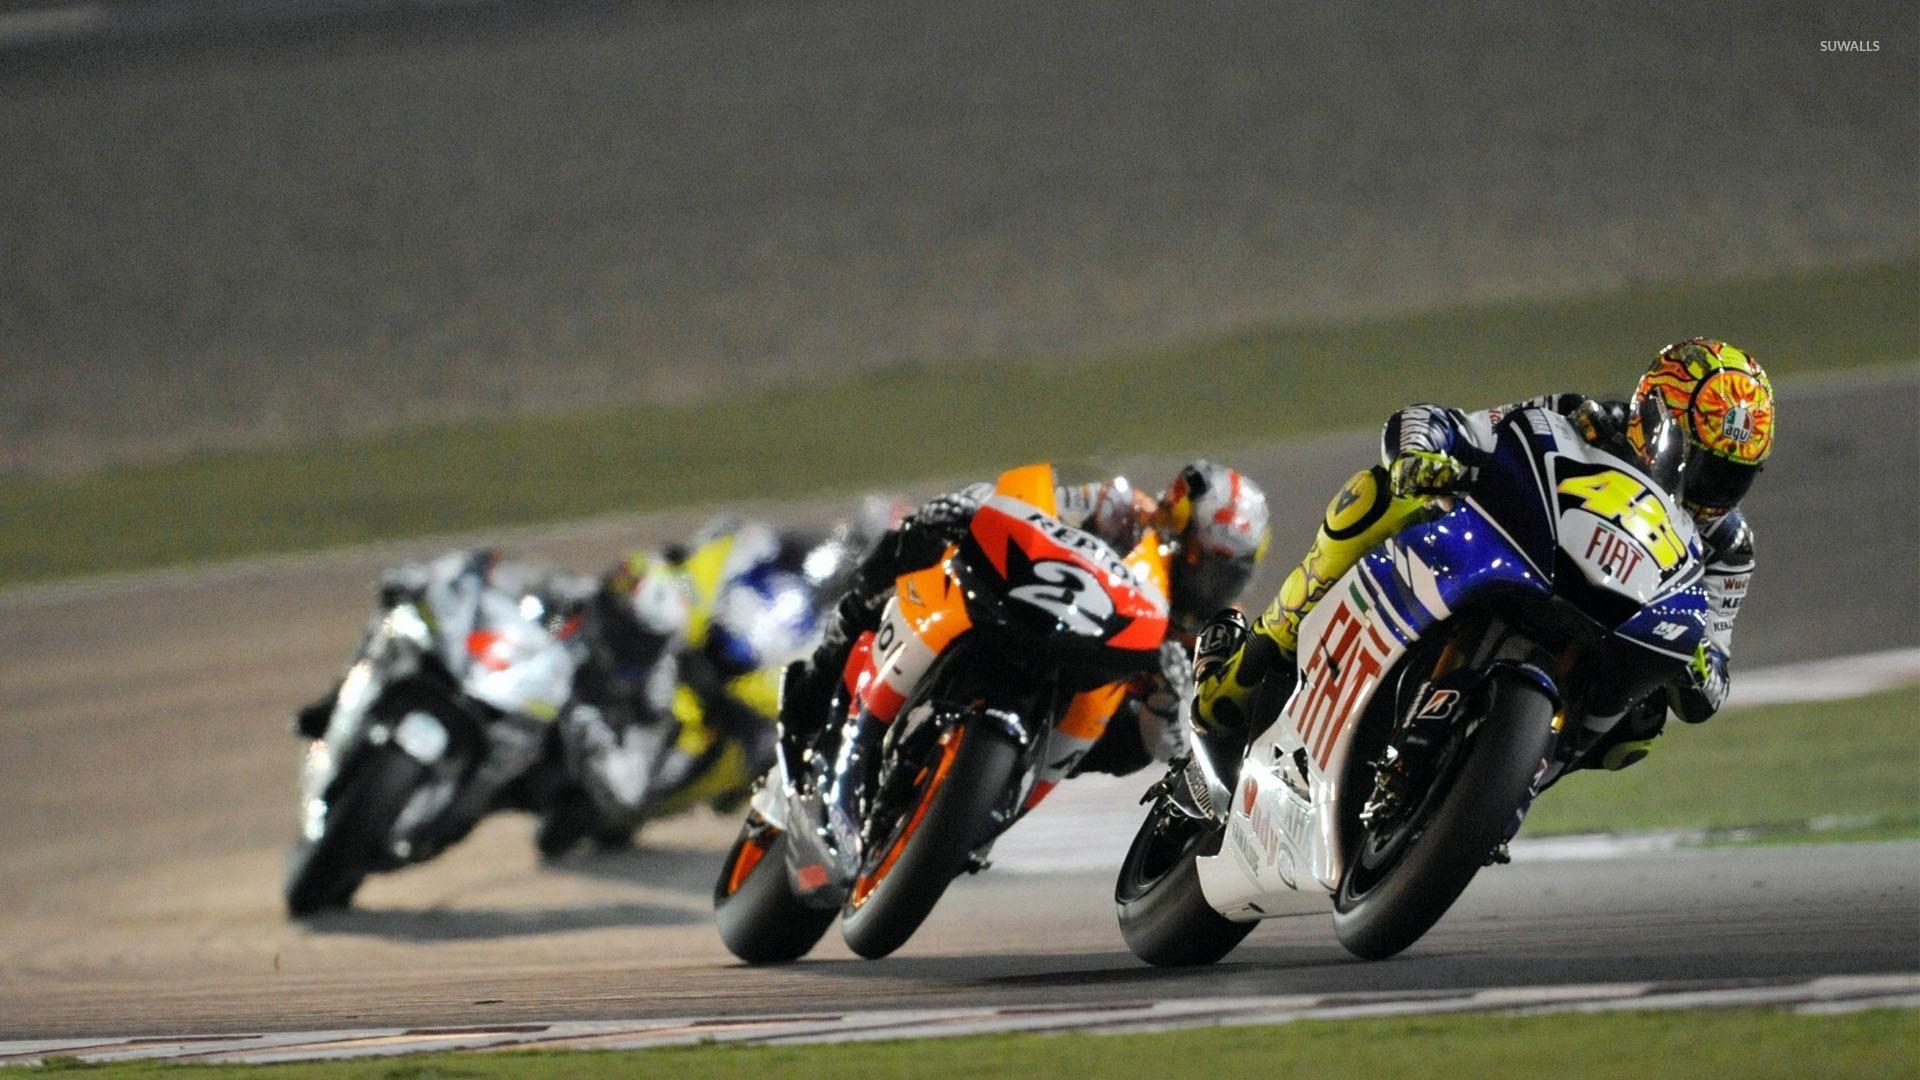 MotoGP [3] wallpaper - Motorcycle wallpapers - #29580